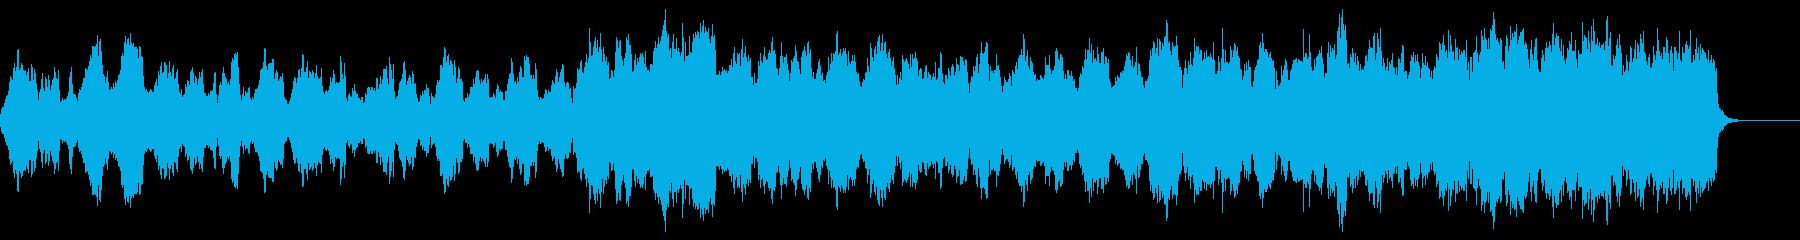 悲しい ストリングス 絶望の再生済みの波形